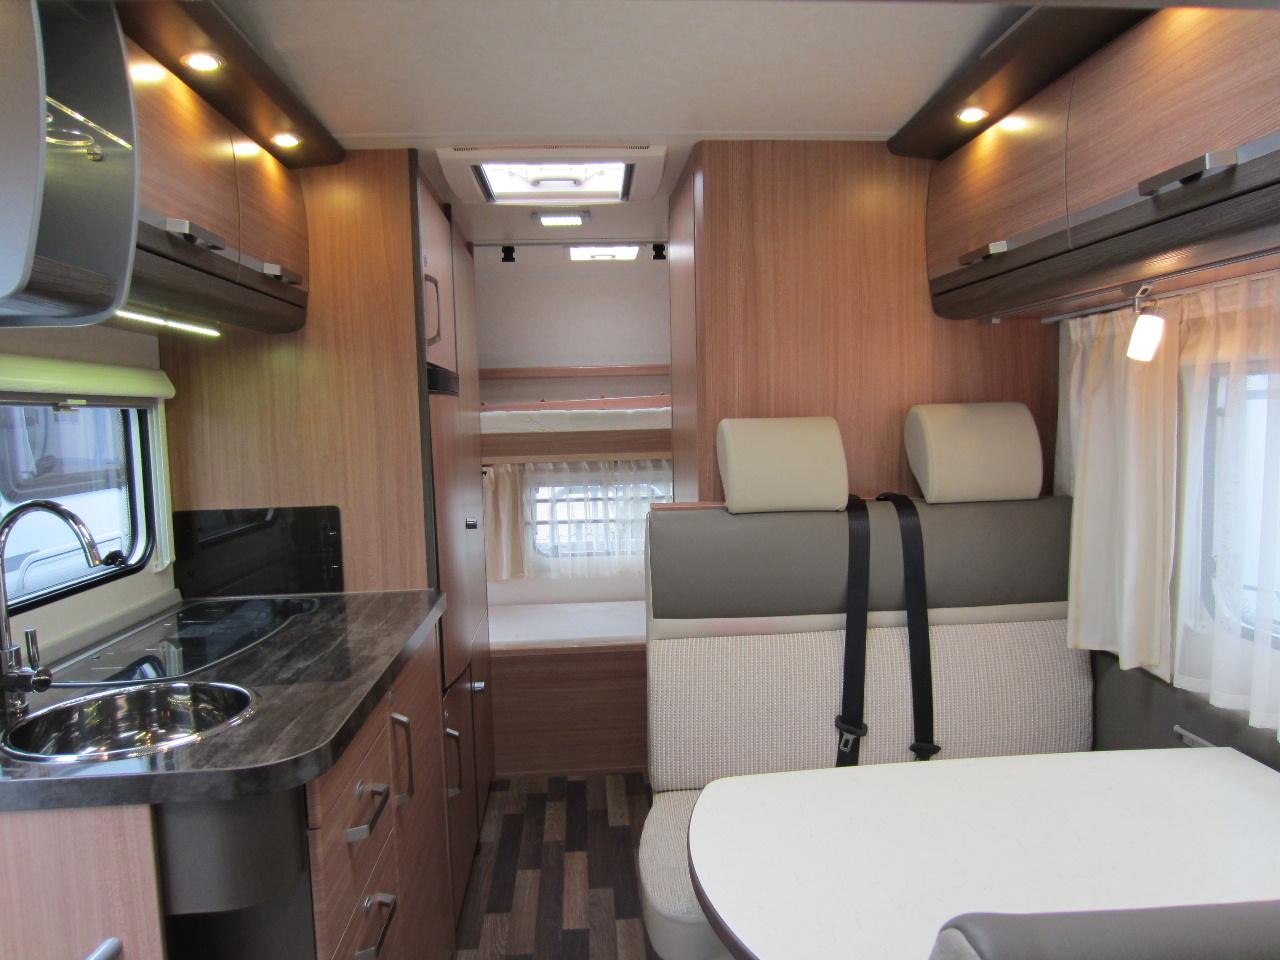 dream13cars knaus sky traveller 600 dkg good structure. Black Bedroom Furniture Sets. Home Design Ideas